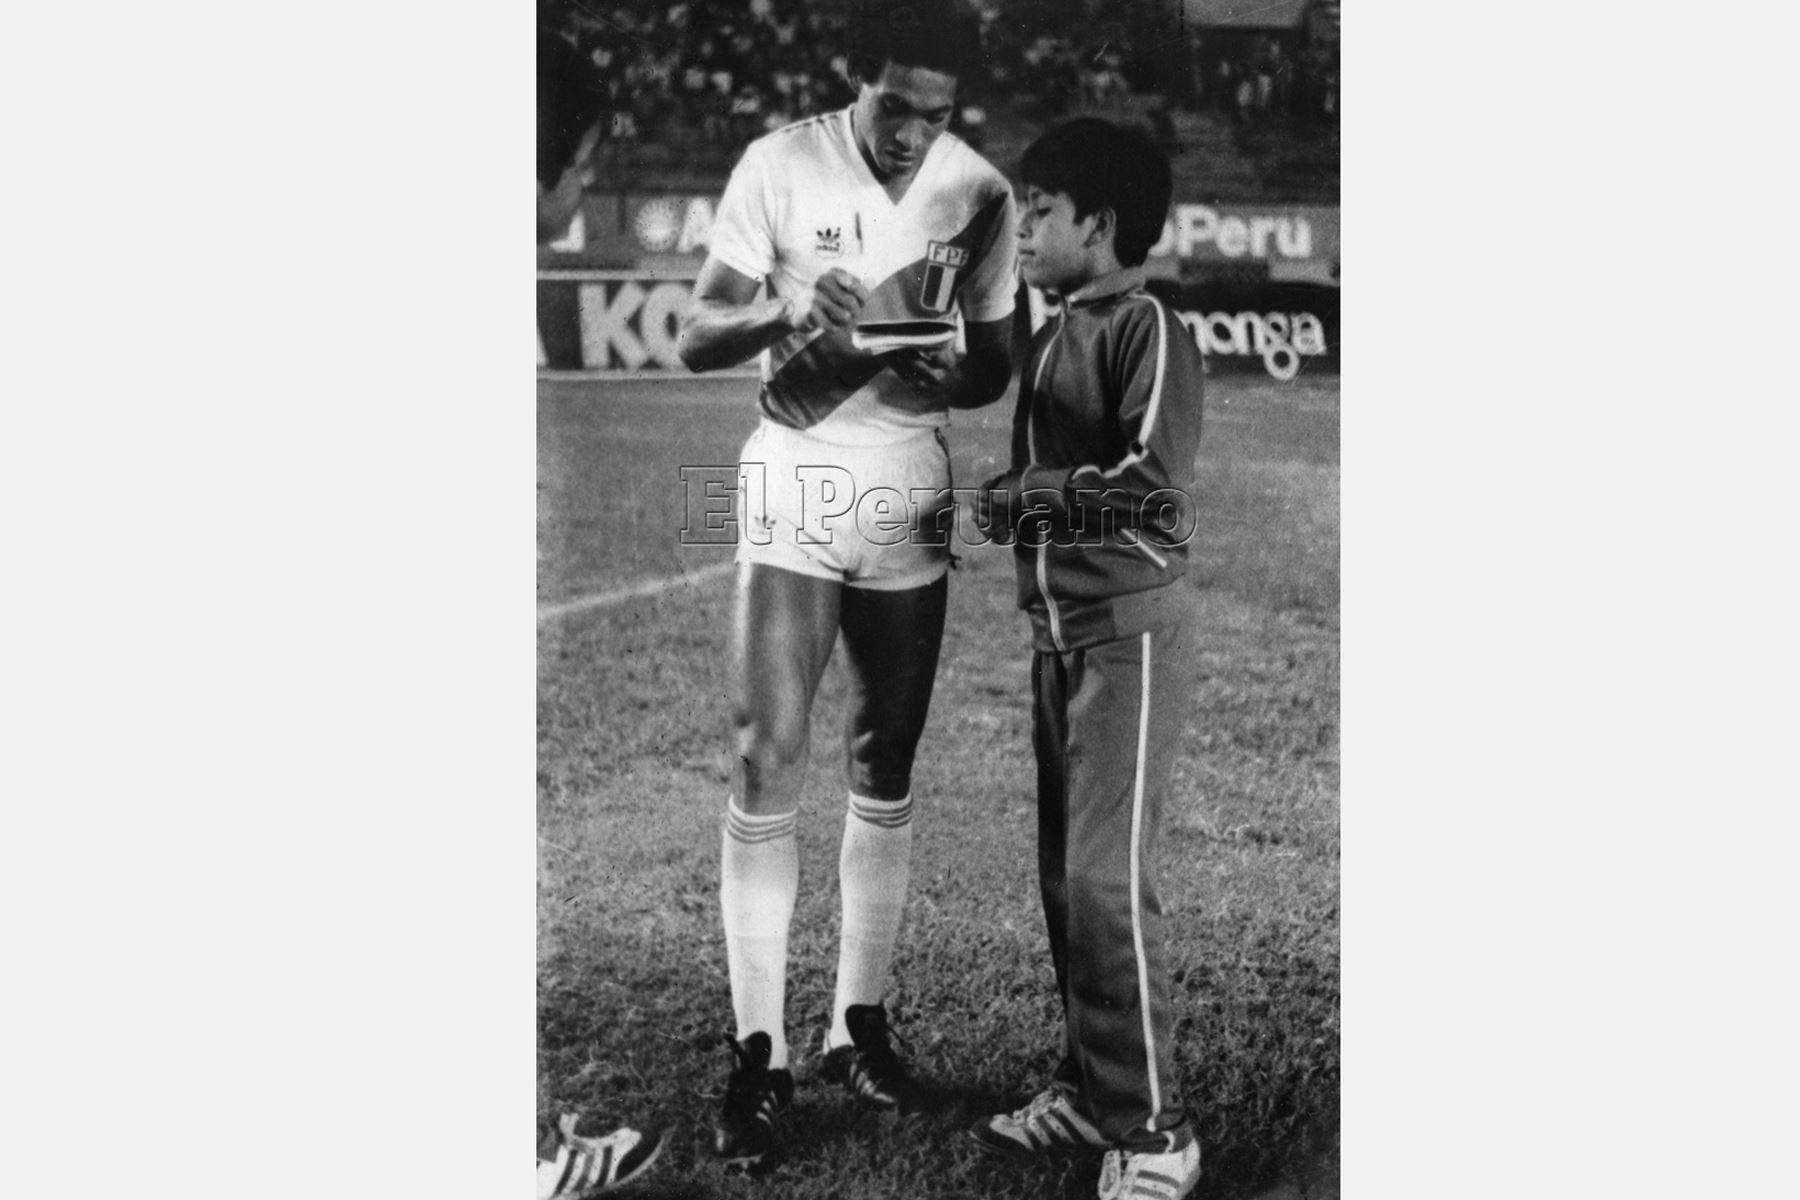 Lima - 5 mayo 1985 / Samuel Eugenio, entrega su autógrafo a solicitud de un niño, en el marco del encuentro de la selección peruana con el cuadro brasileño Gremio, cuyo resultado fue cero goles.   Foto: Archivo diario El Peruano